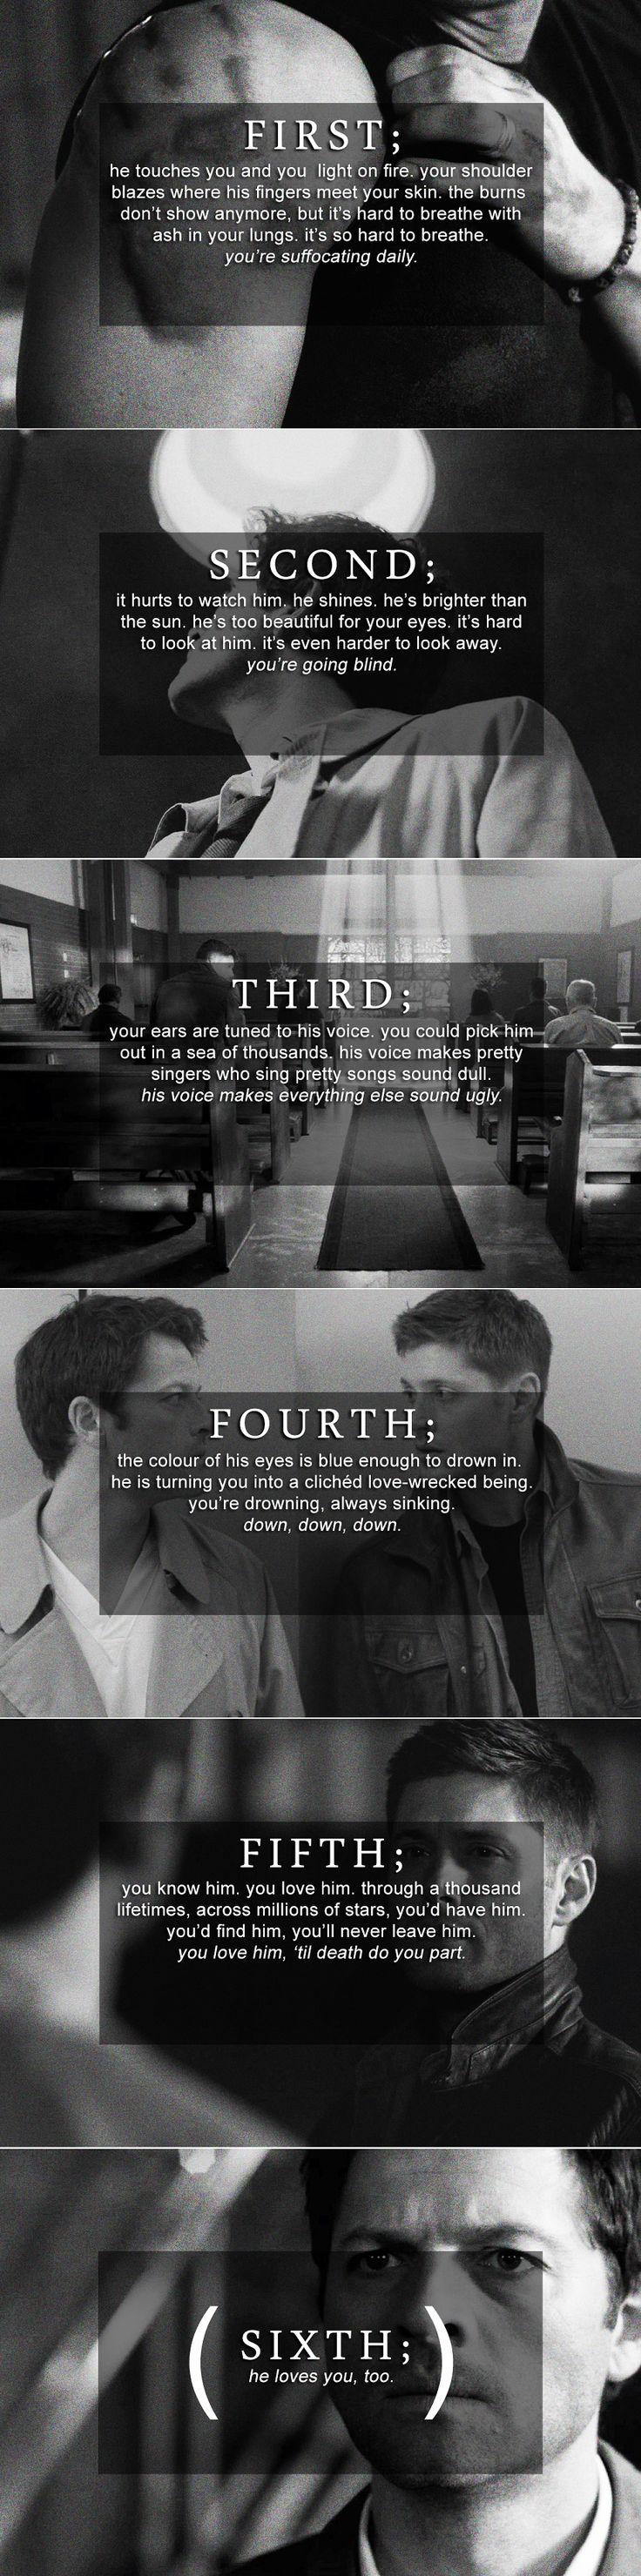 Dean and Castiel: First through sixth #spn #destiel